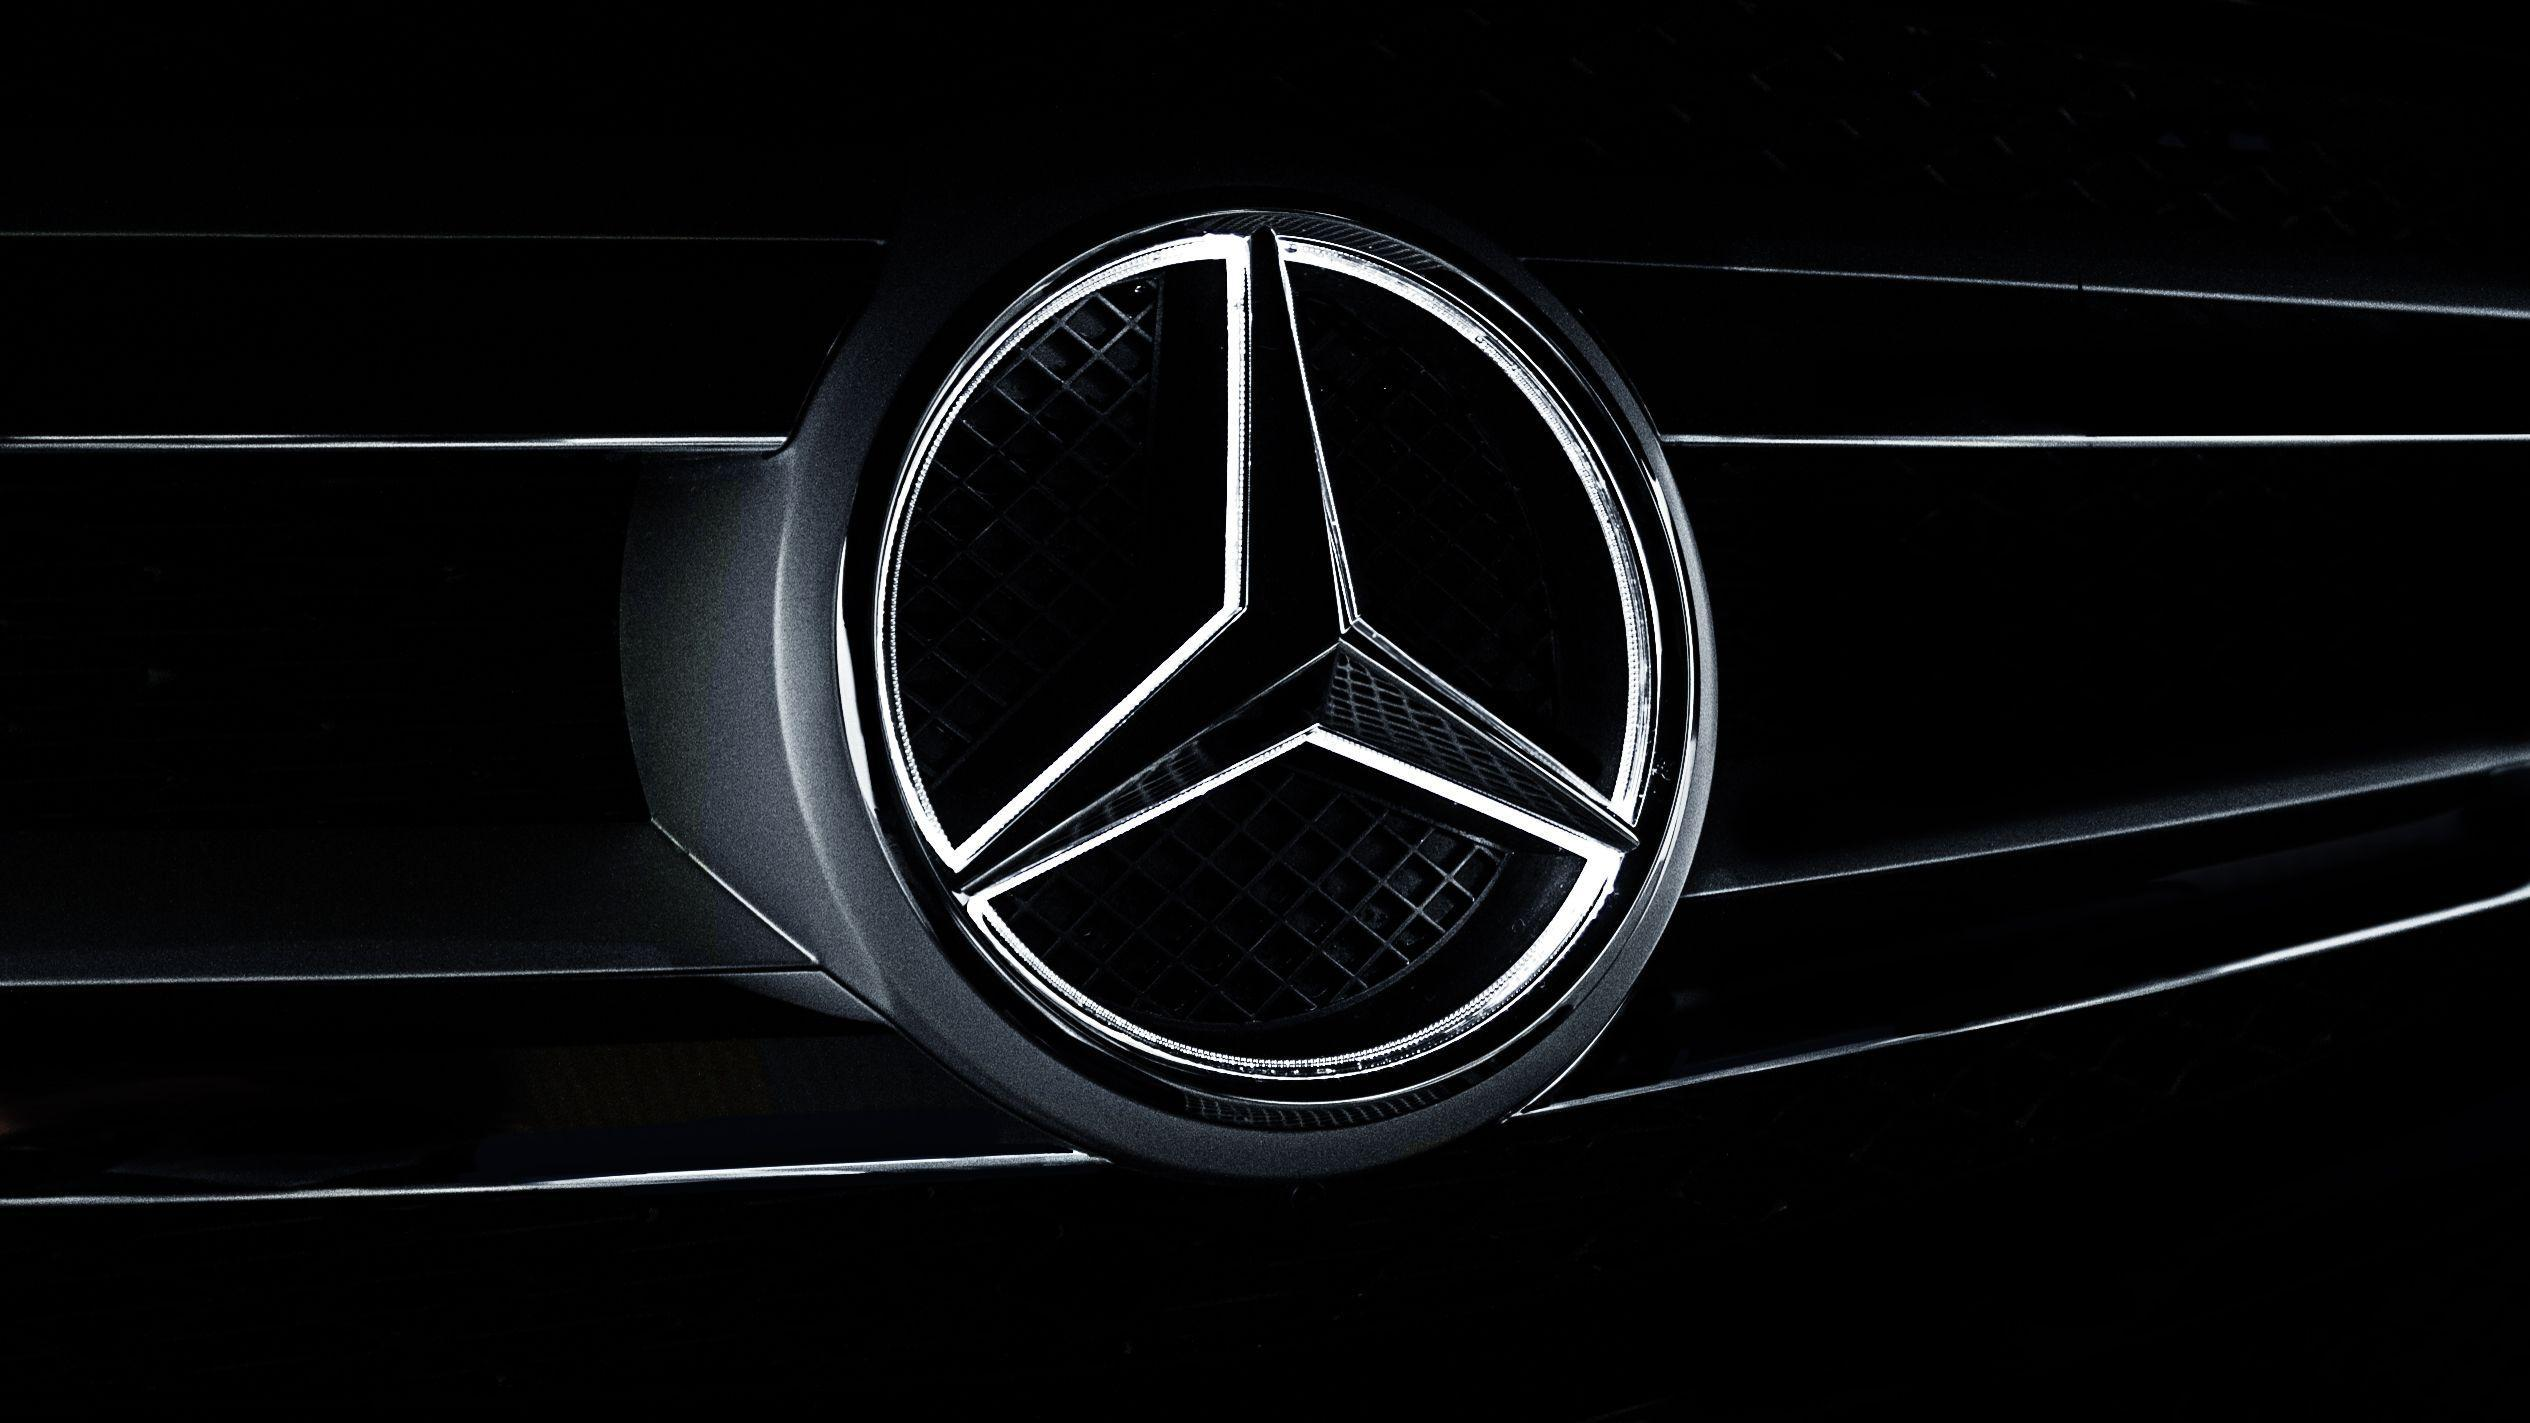 Mercedes Benz Logo Wallpapers Wallpaper Cave